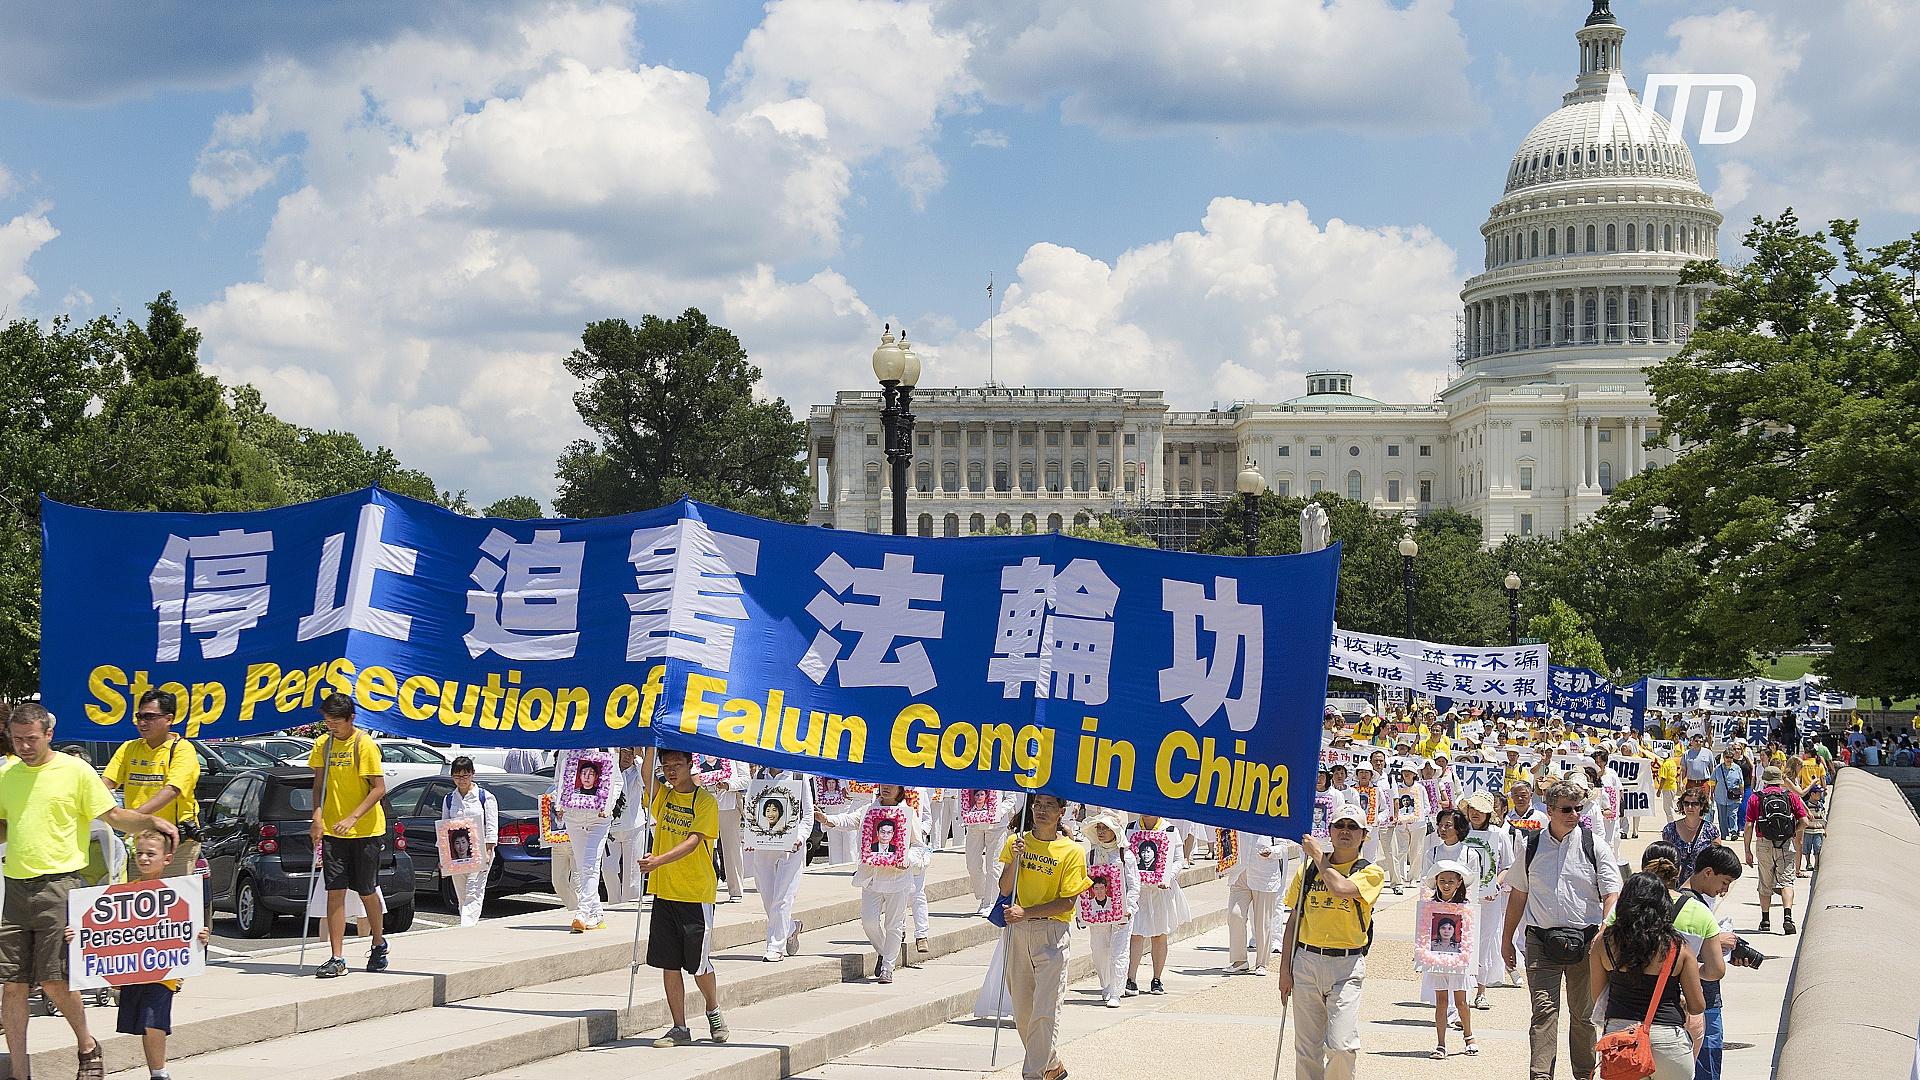 1500 человек прошли шествием по Вашингтону, чтобы рассказать о репрессиях в Китае